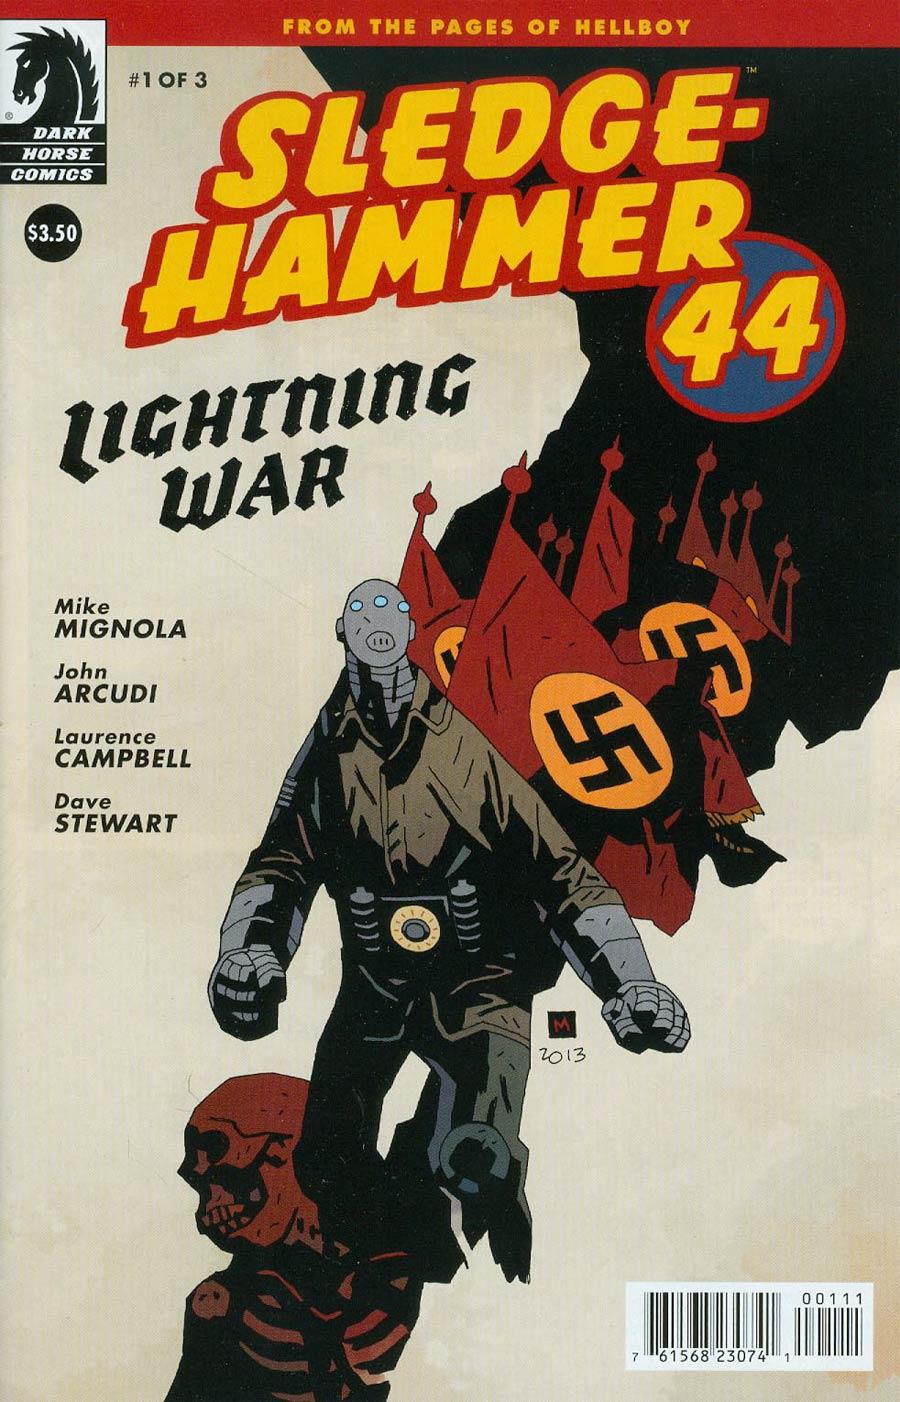 Sledgehammer 44 Lightning War #1